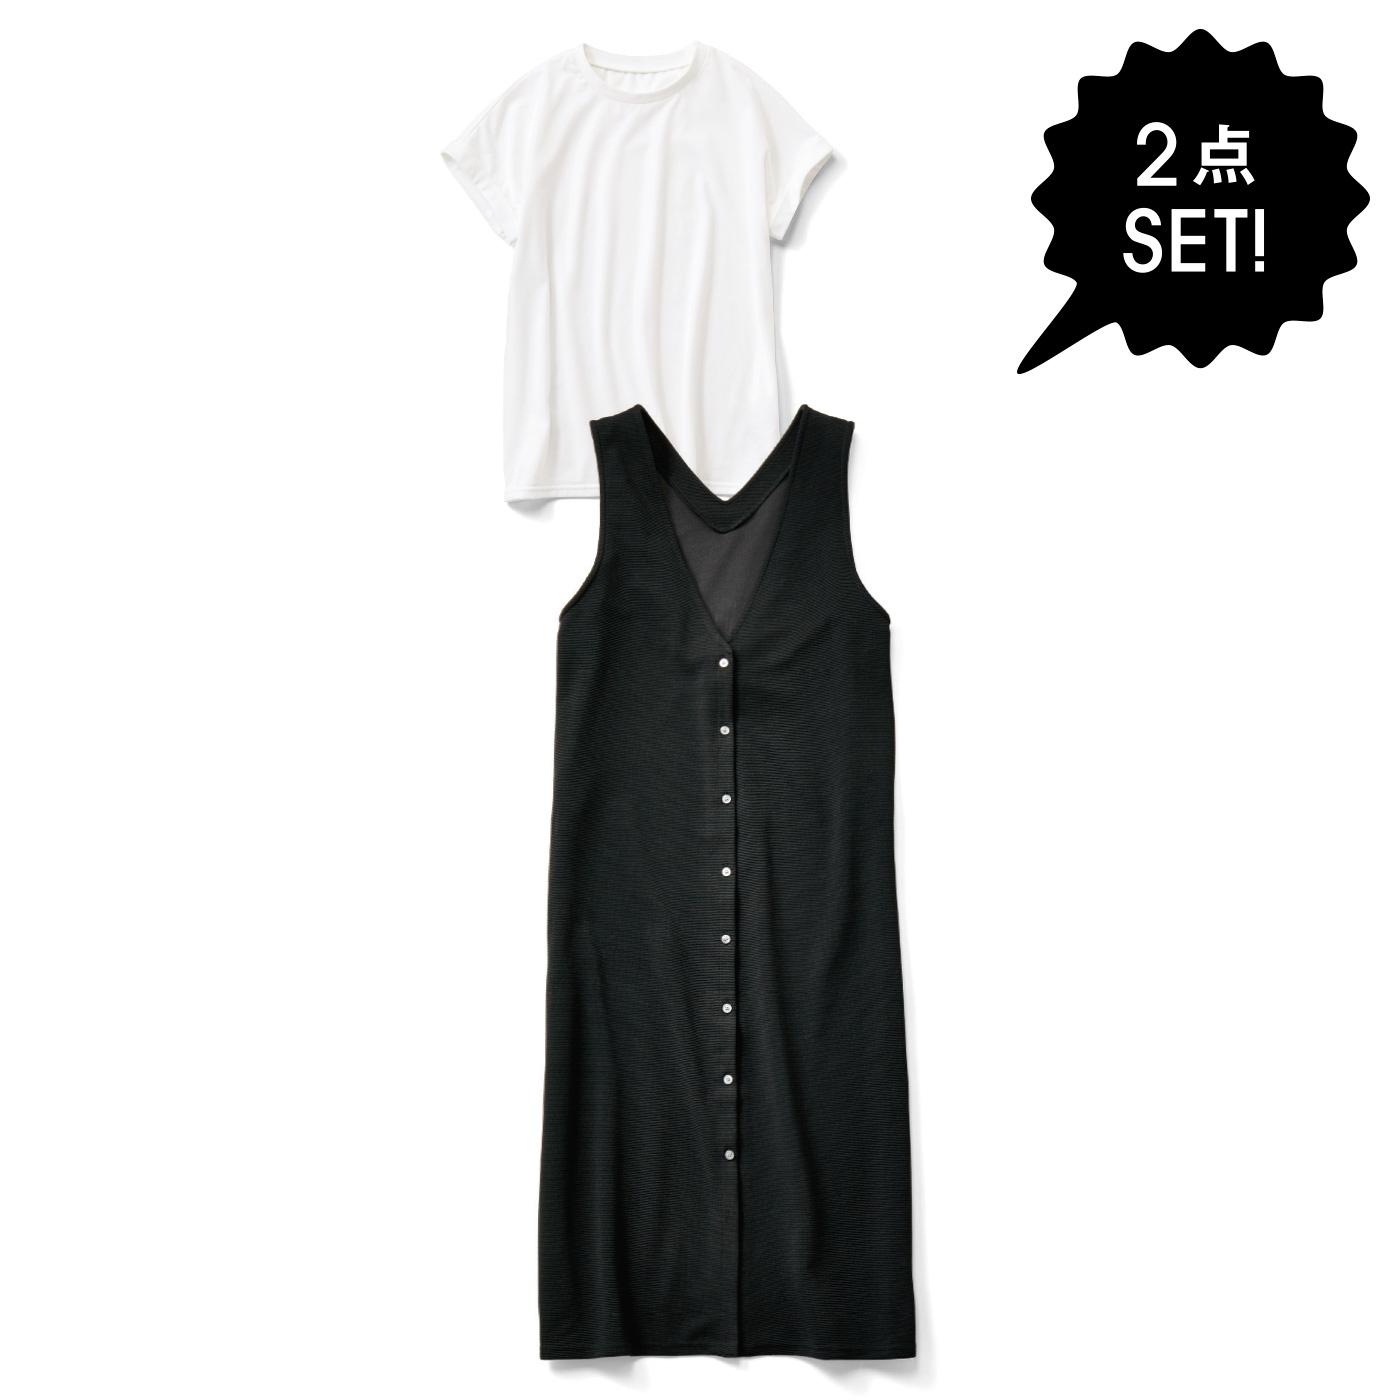 IEDIT[イディット]  3-WAYで着られる Tシャツとジャンパースカートのコーディネイトセット〈ブラック×ホワイト〉